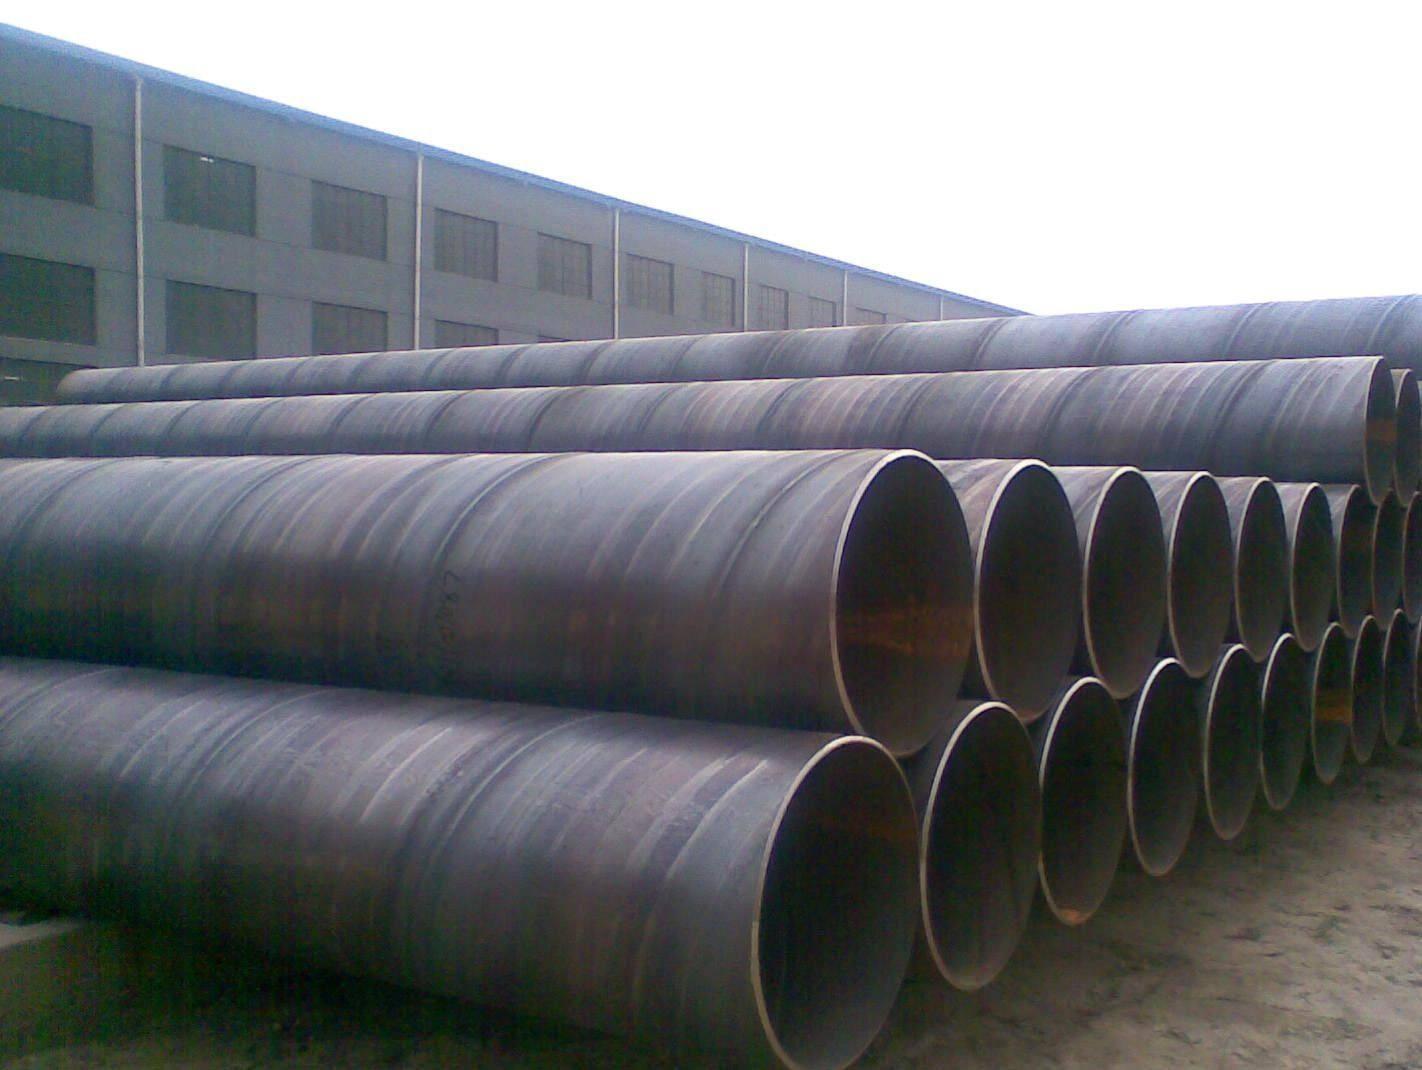 黑龙江省双鸭山市居民小区用螺旋钢管直销价格